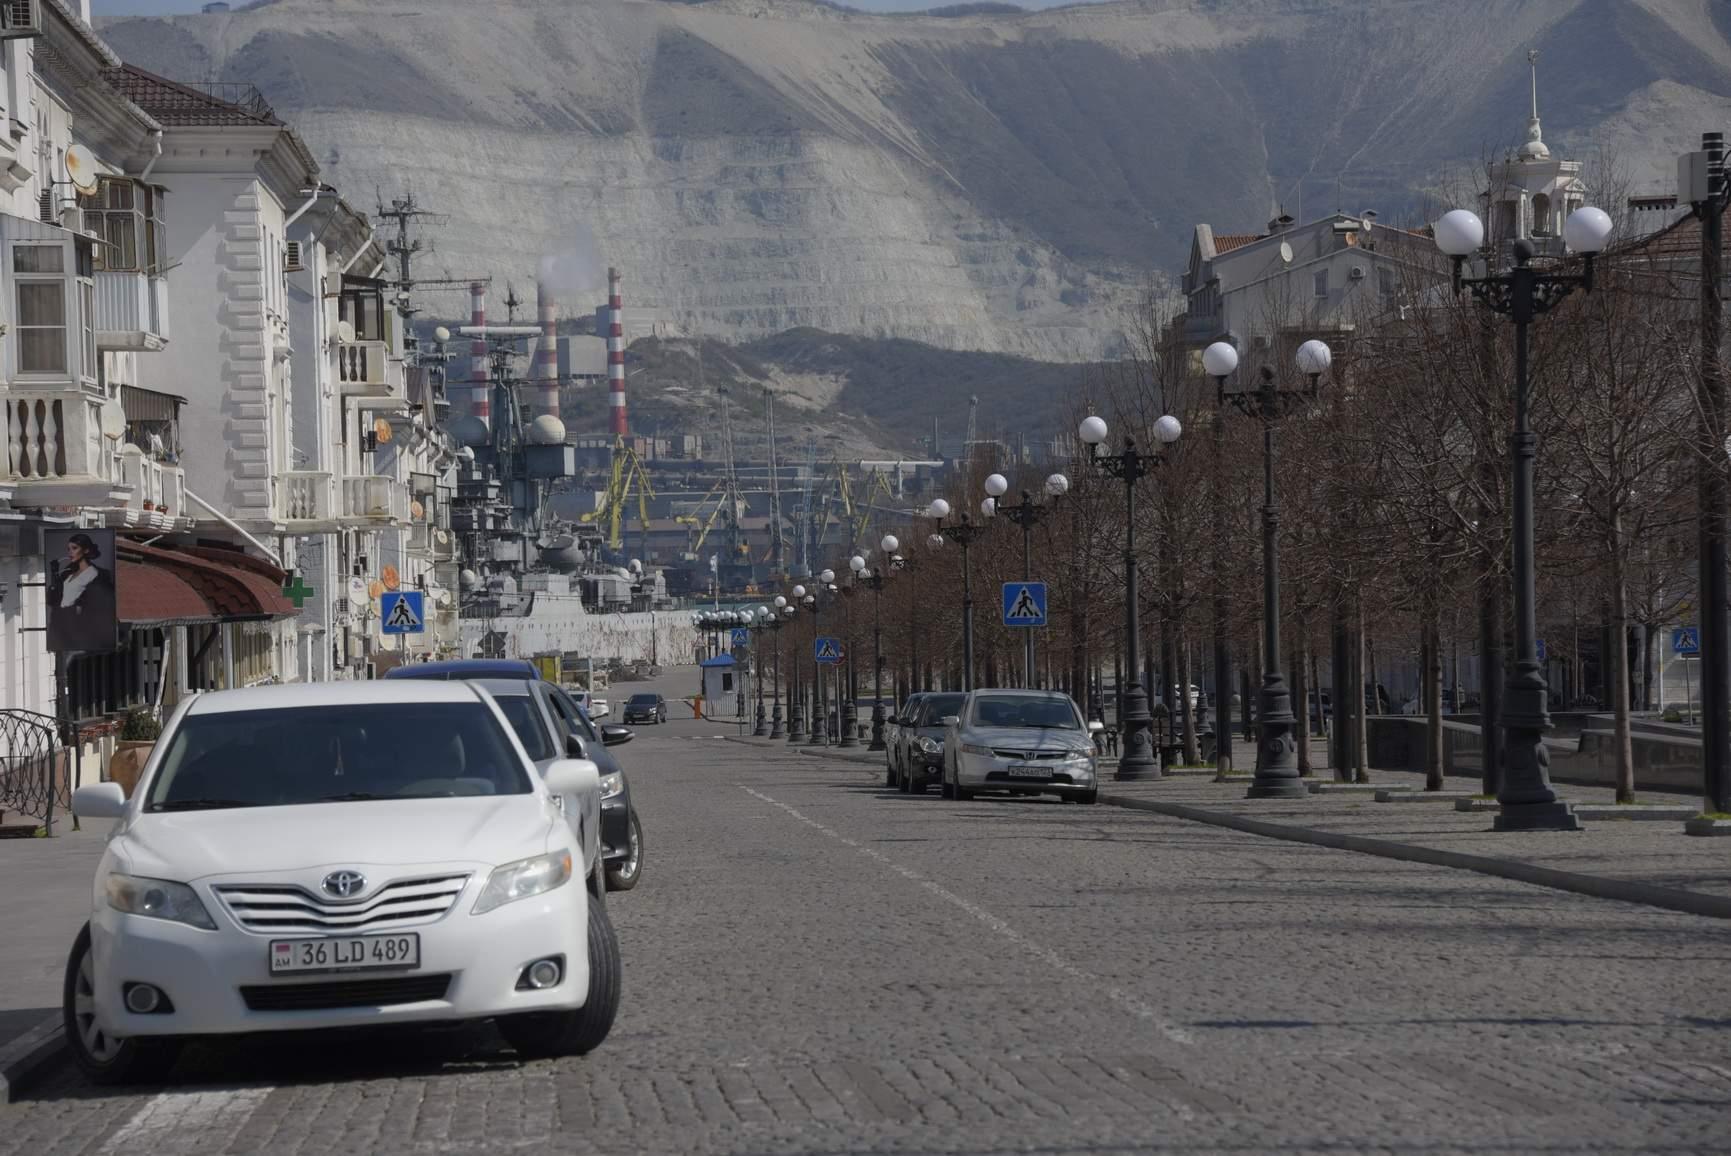 До 40 тысяч рублей увеличены штрафы за нарушение карантина по коронавирусу здоровыми гражданами